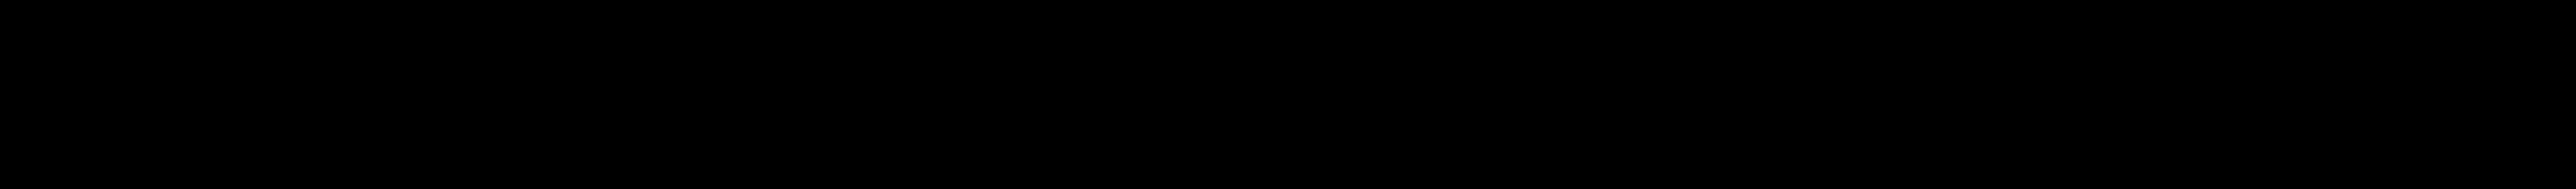 Ministry Pro B Extra Light Italic